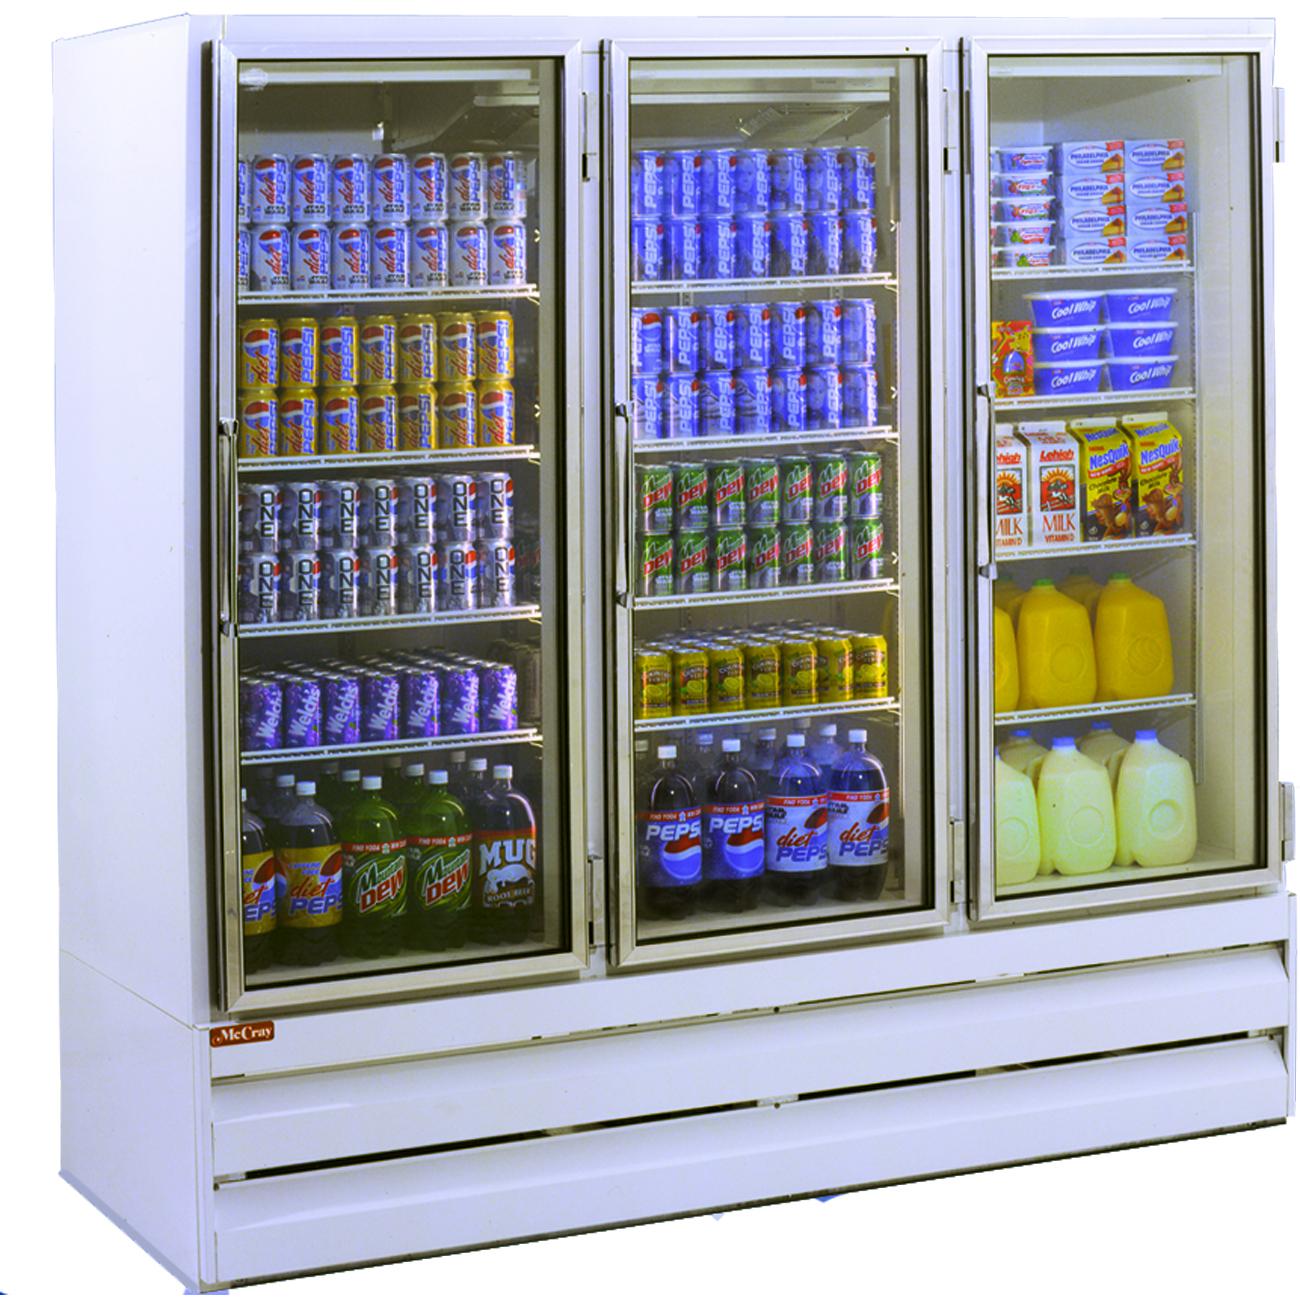 Howard-McCray GF75BM-LT freezer, merchandiser